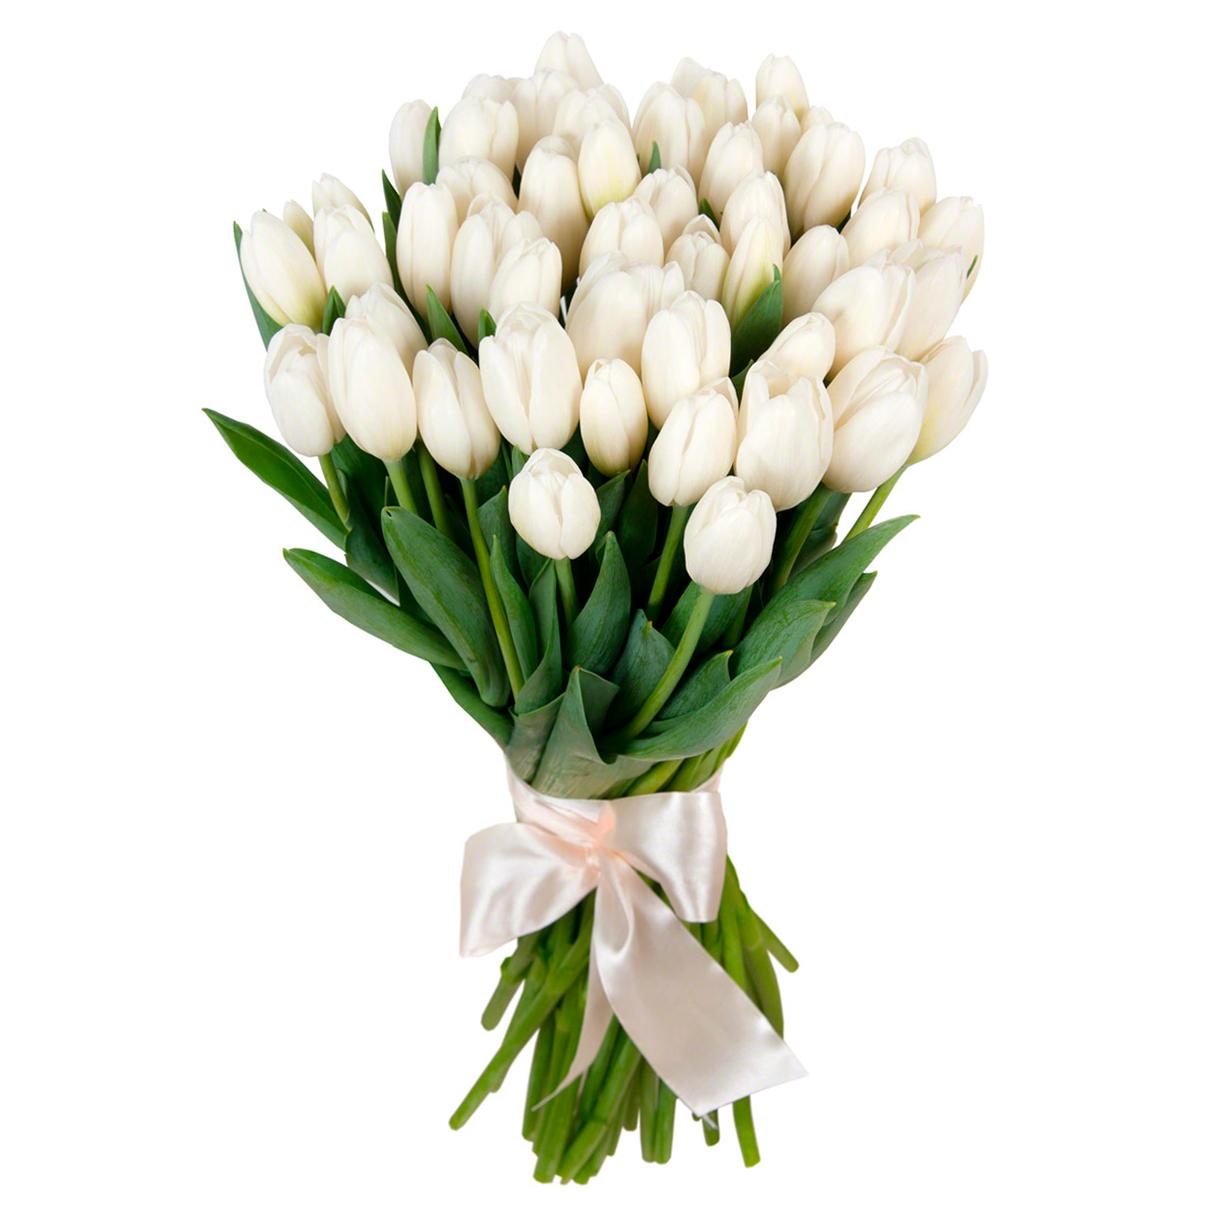 tulip-photo-193